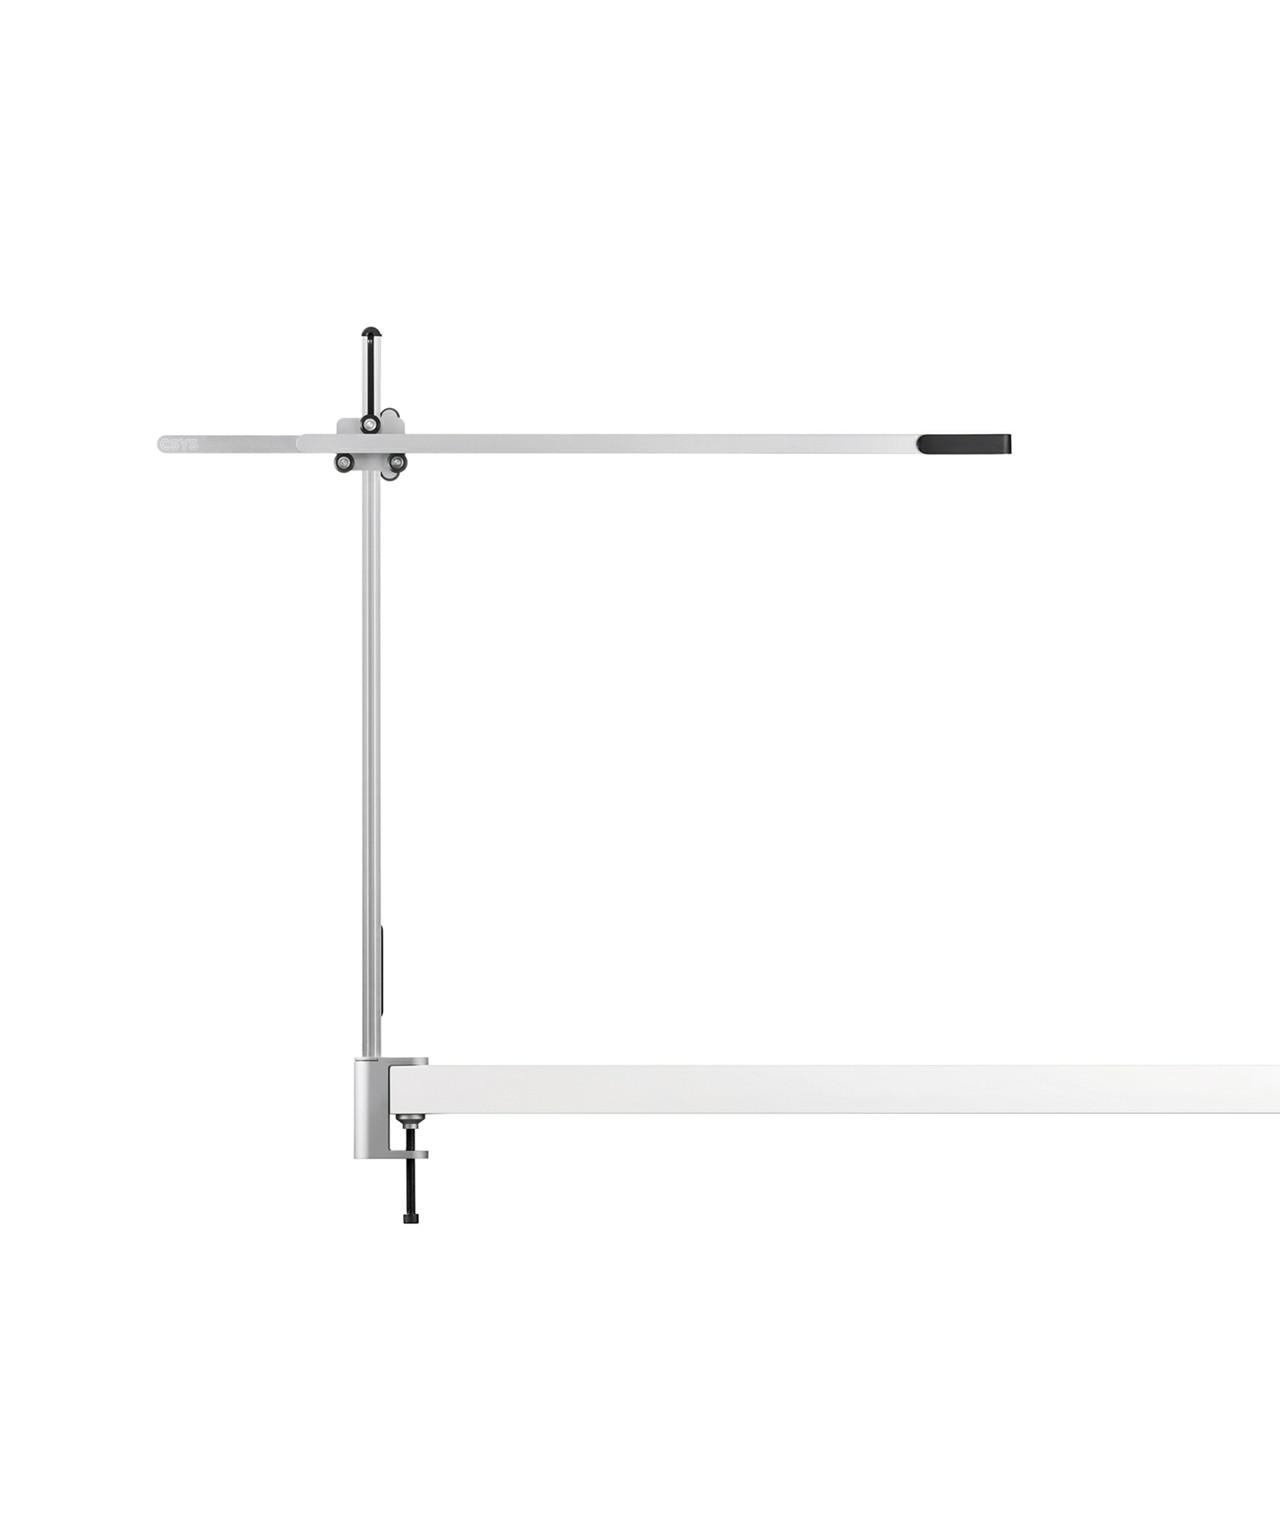 Csys bordlampe m/klampe sølv/sort